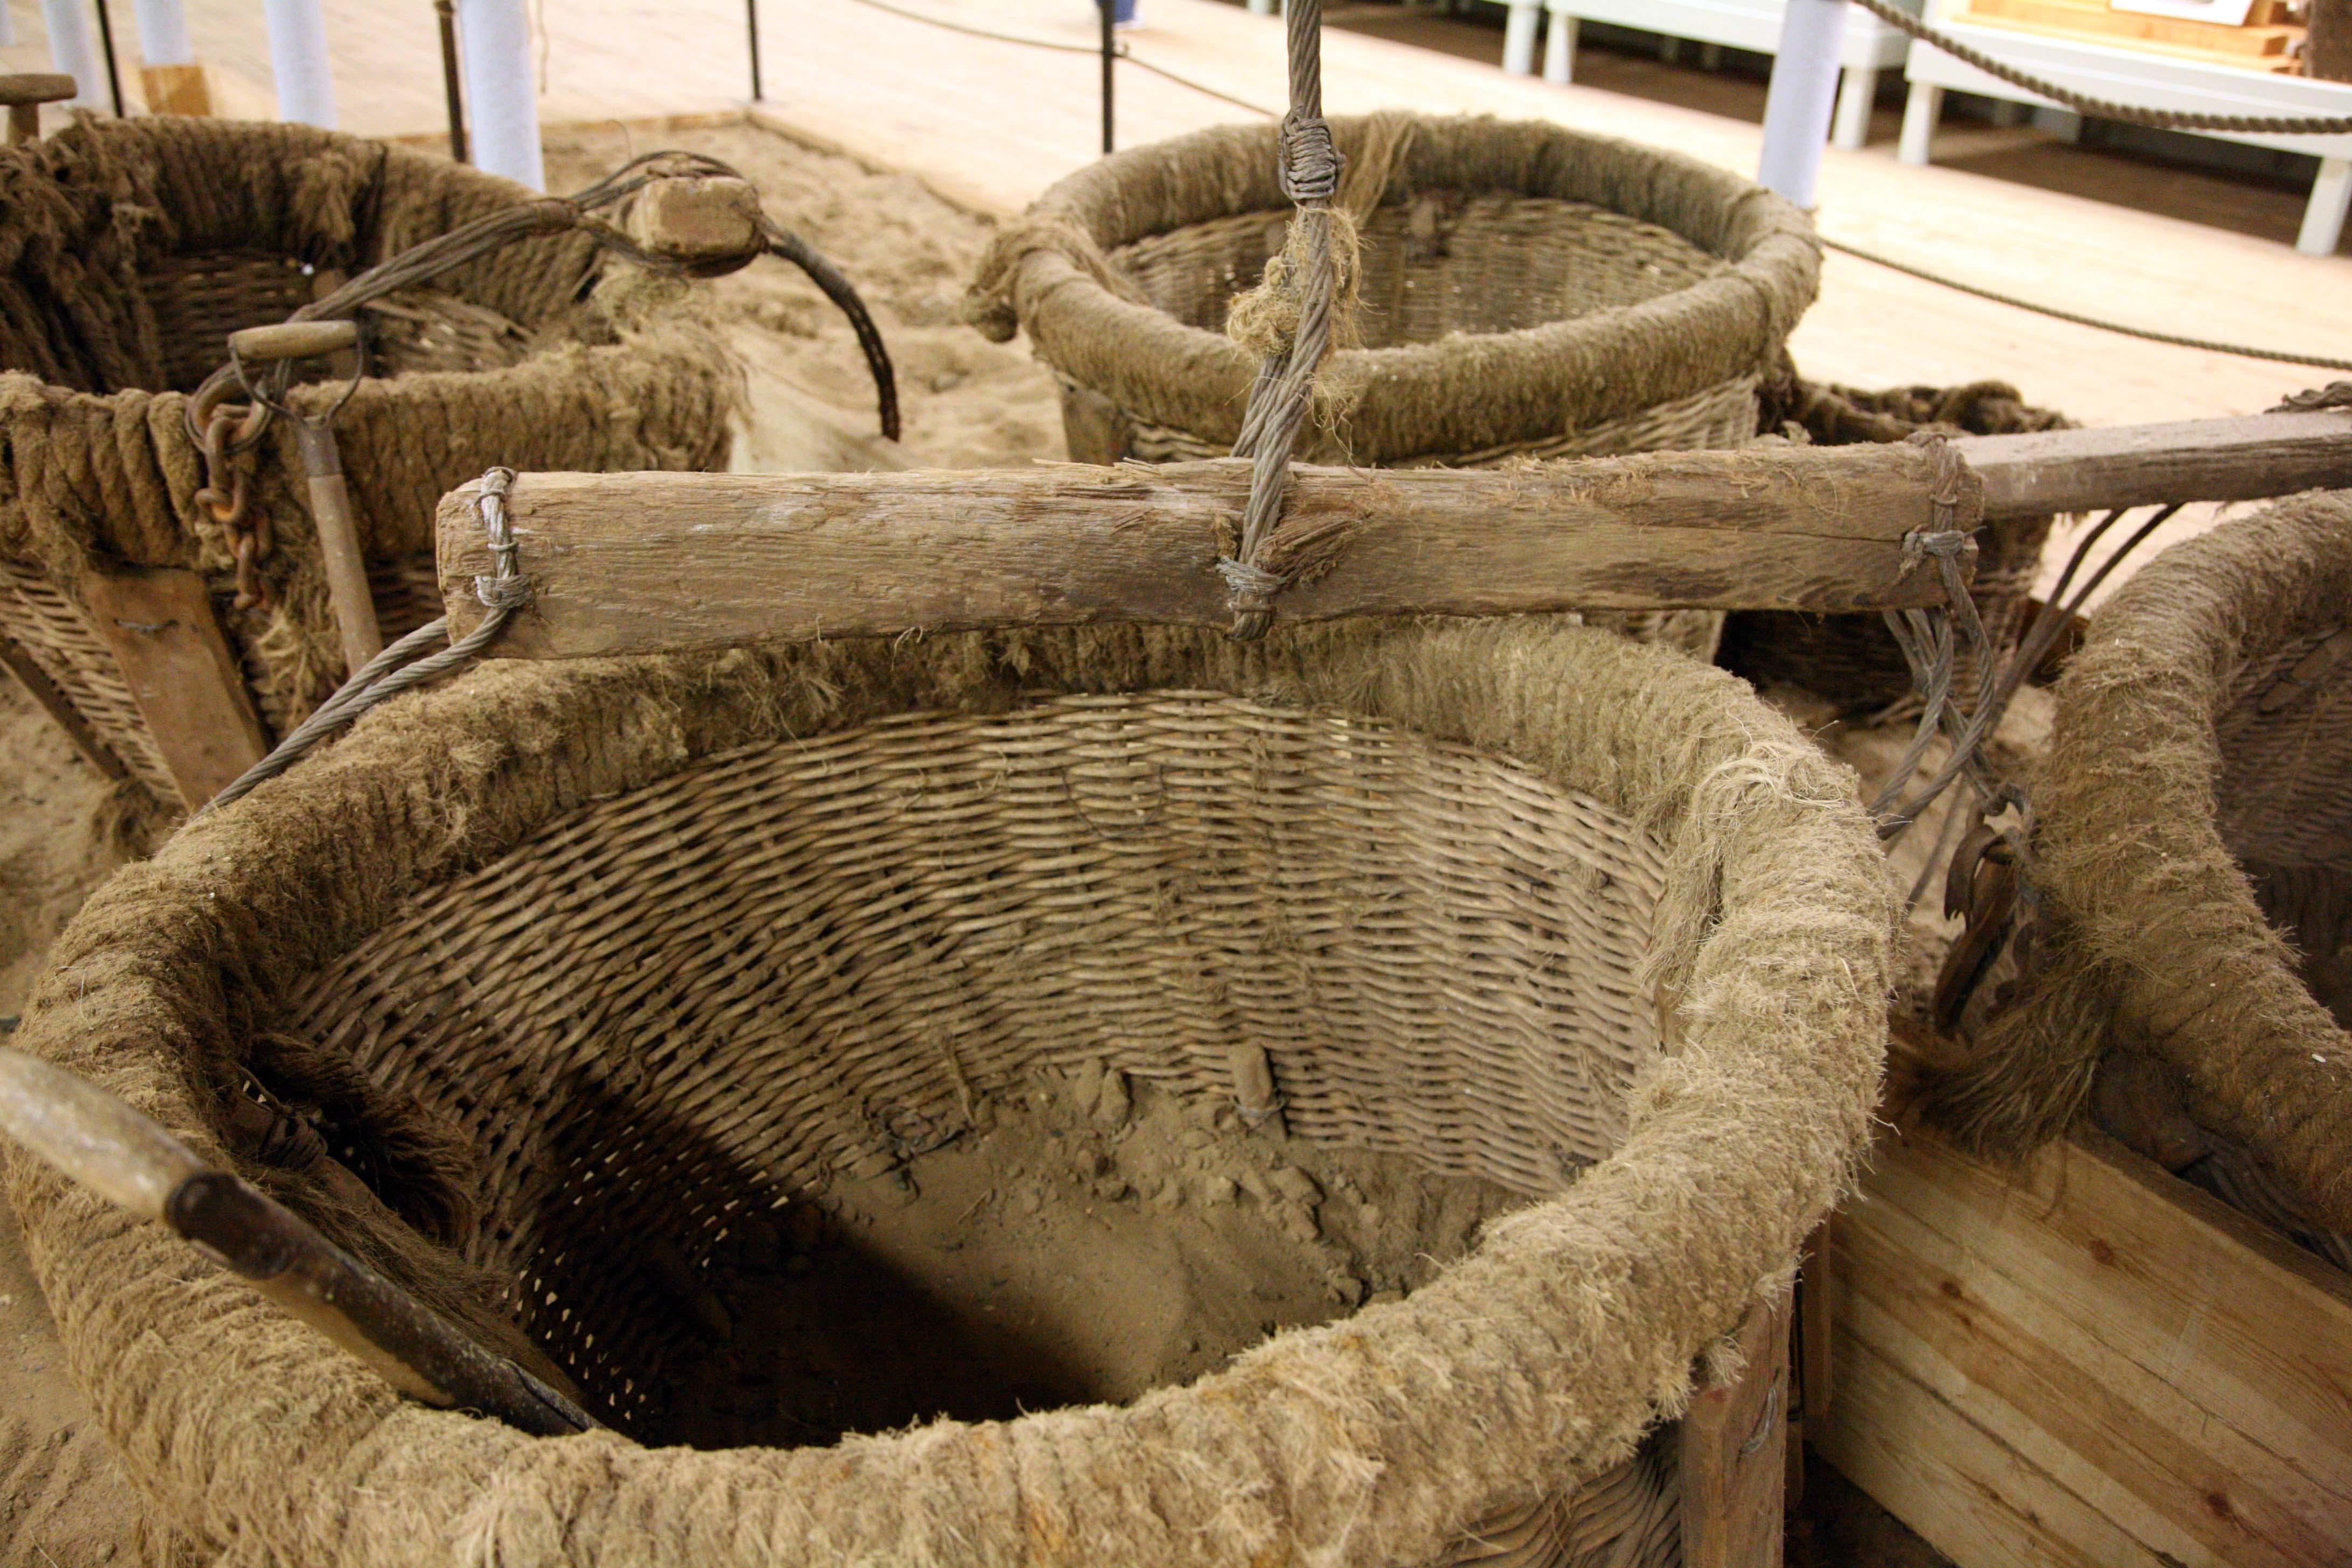 FileBallast Baskets (1402074671).jpg & File:Ballast Baskets (1402074671).jpg - Wikimedia Commons